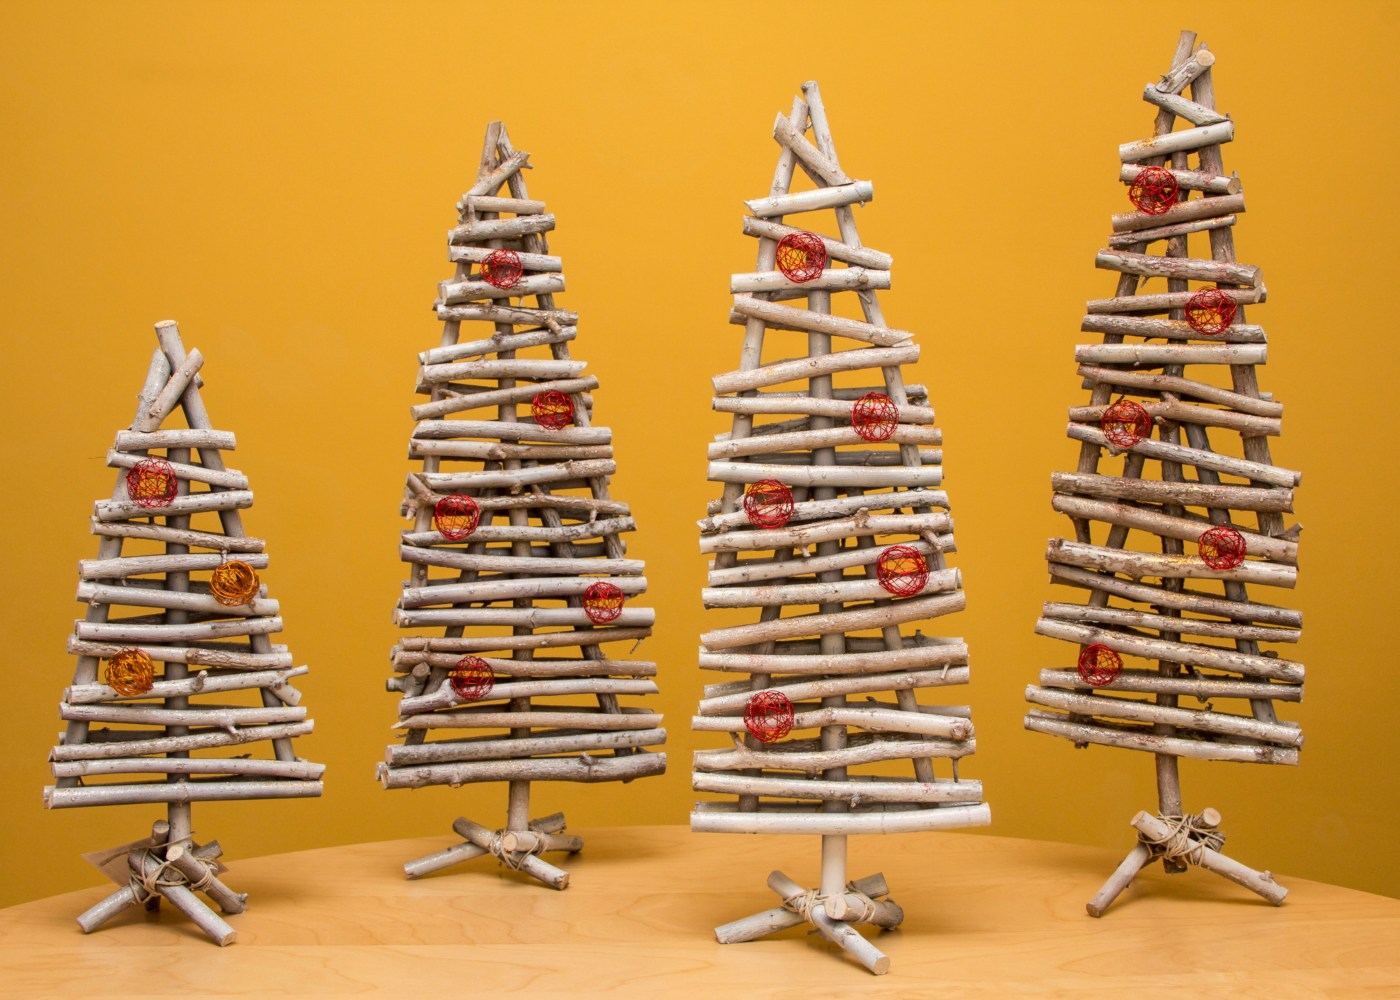 árvores de natal feitas de mini troncos